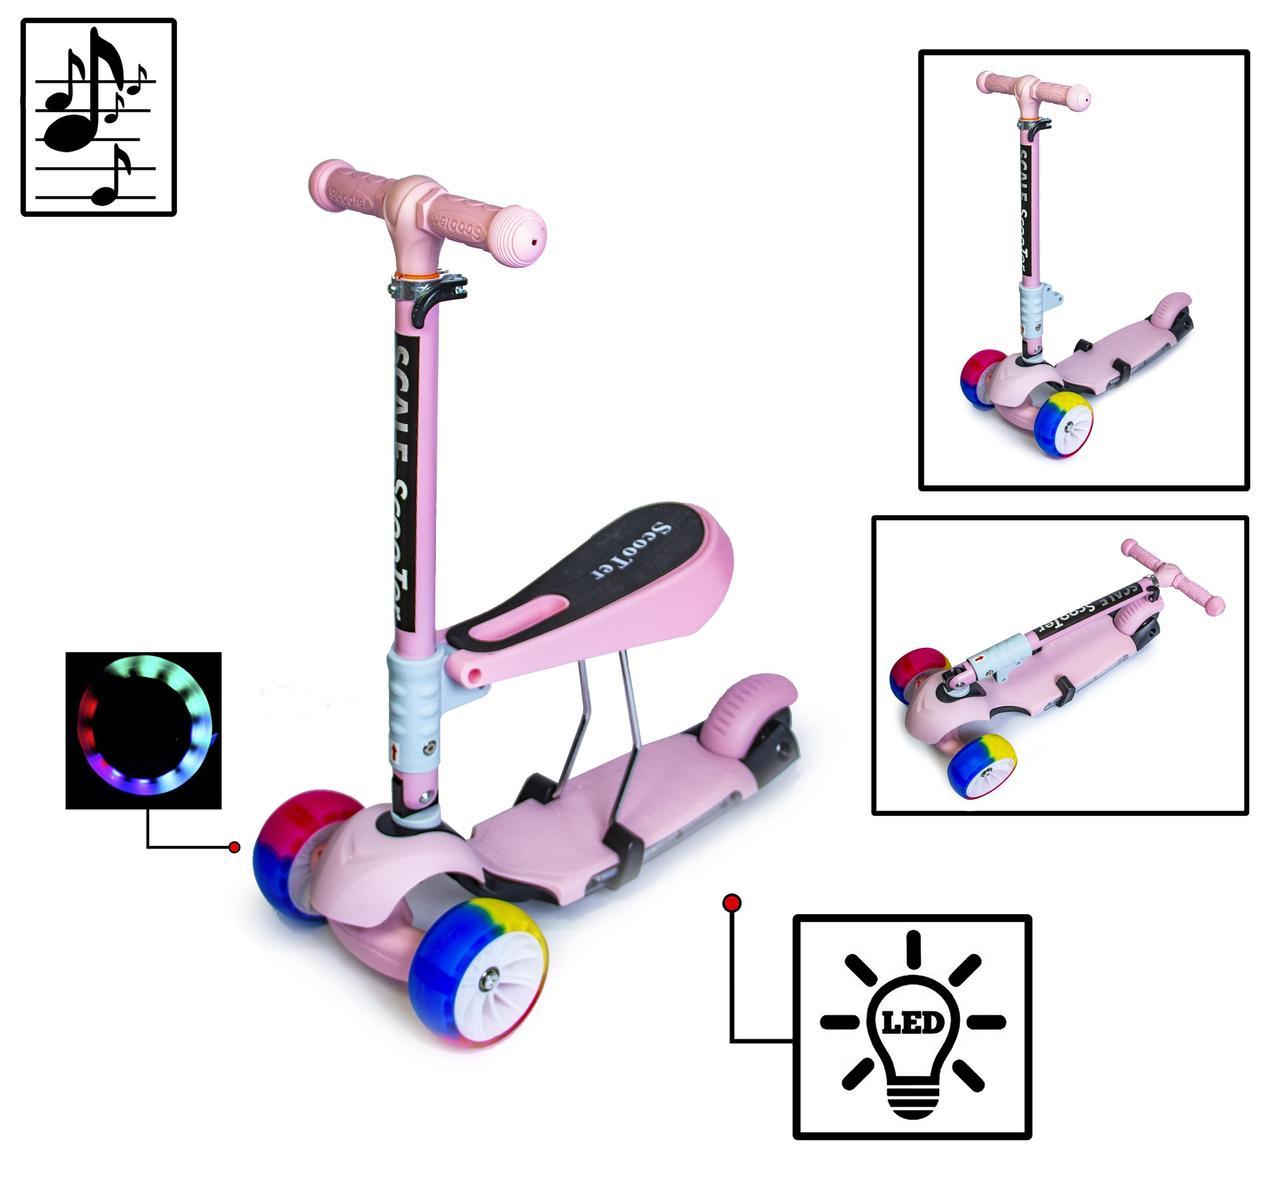 Самока Scooter 3in1 Pink Складна ручка Зі світлом і музикою Смарт-колеса самокат дитячий триколісний